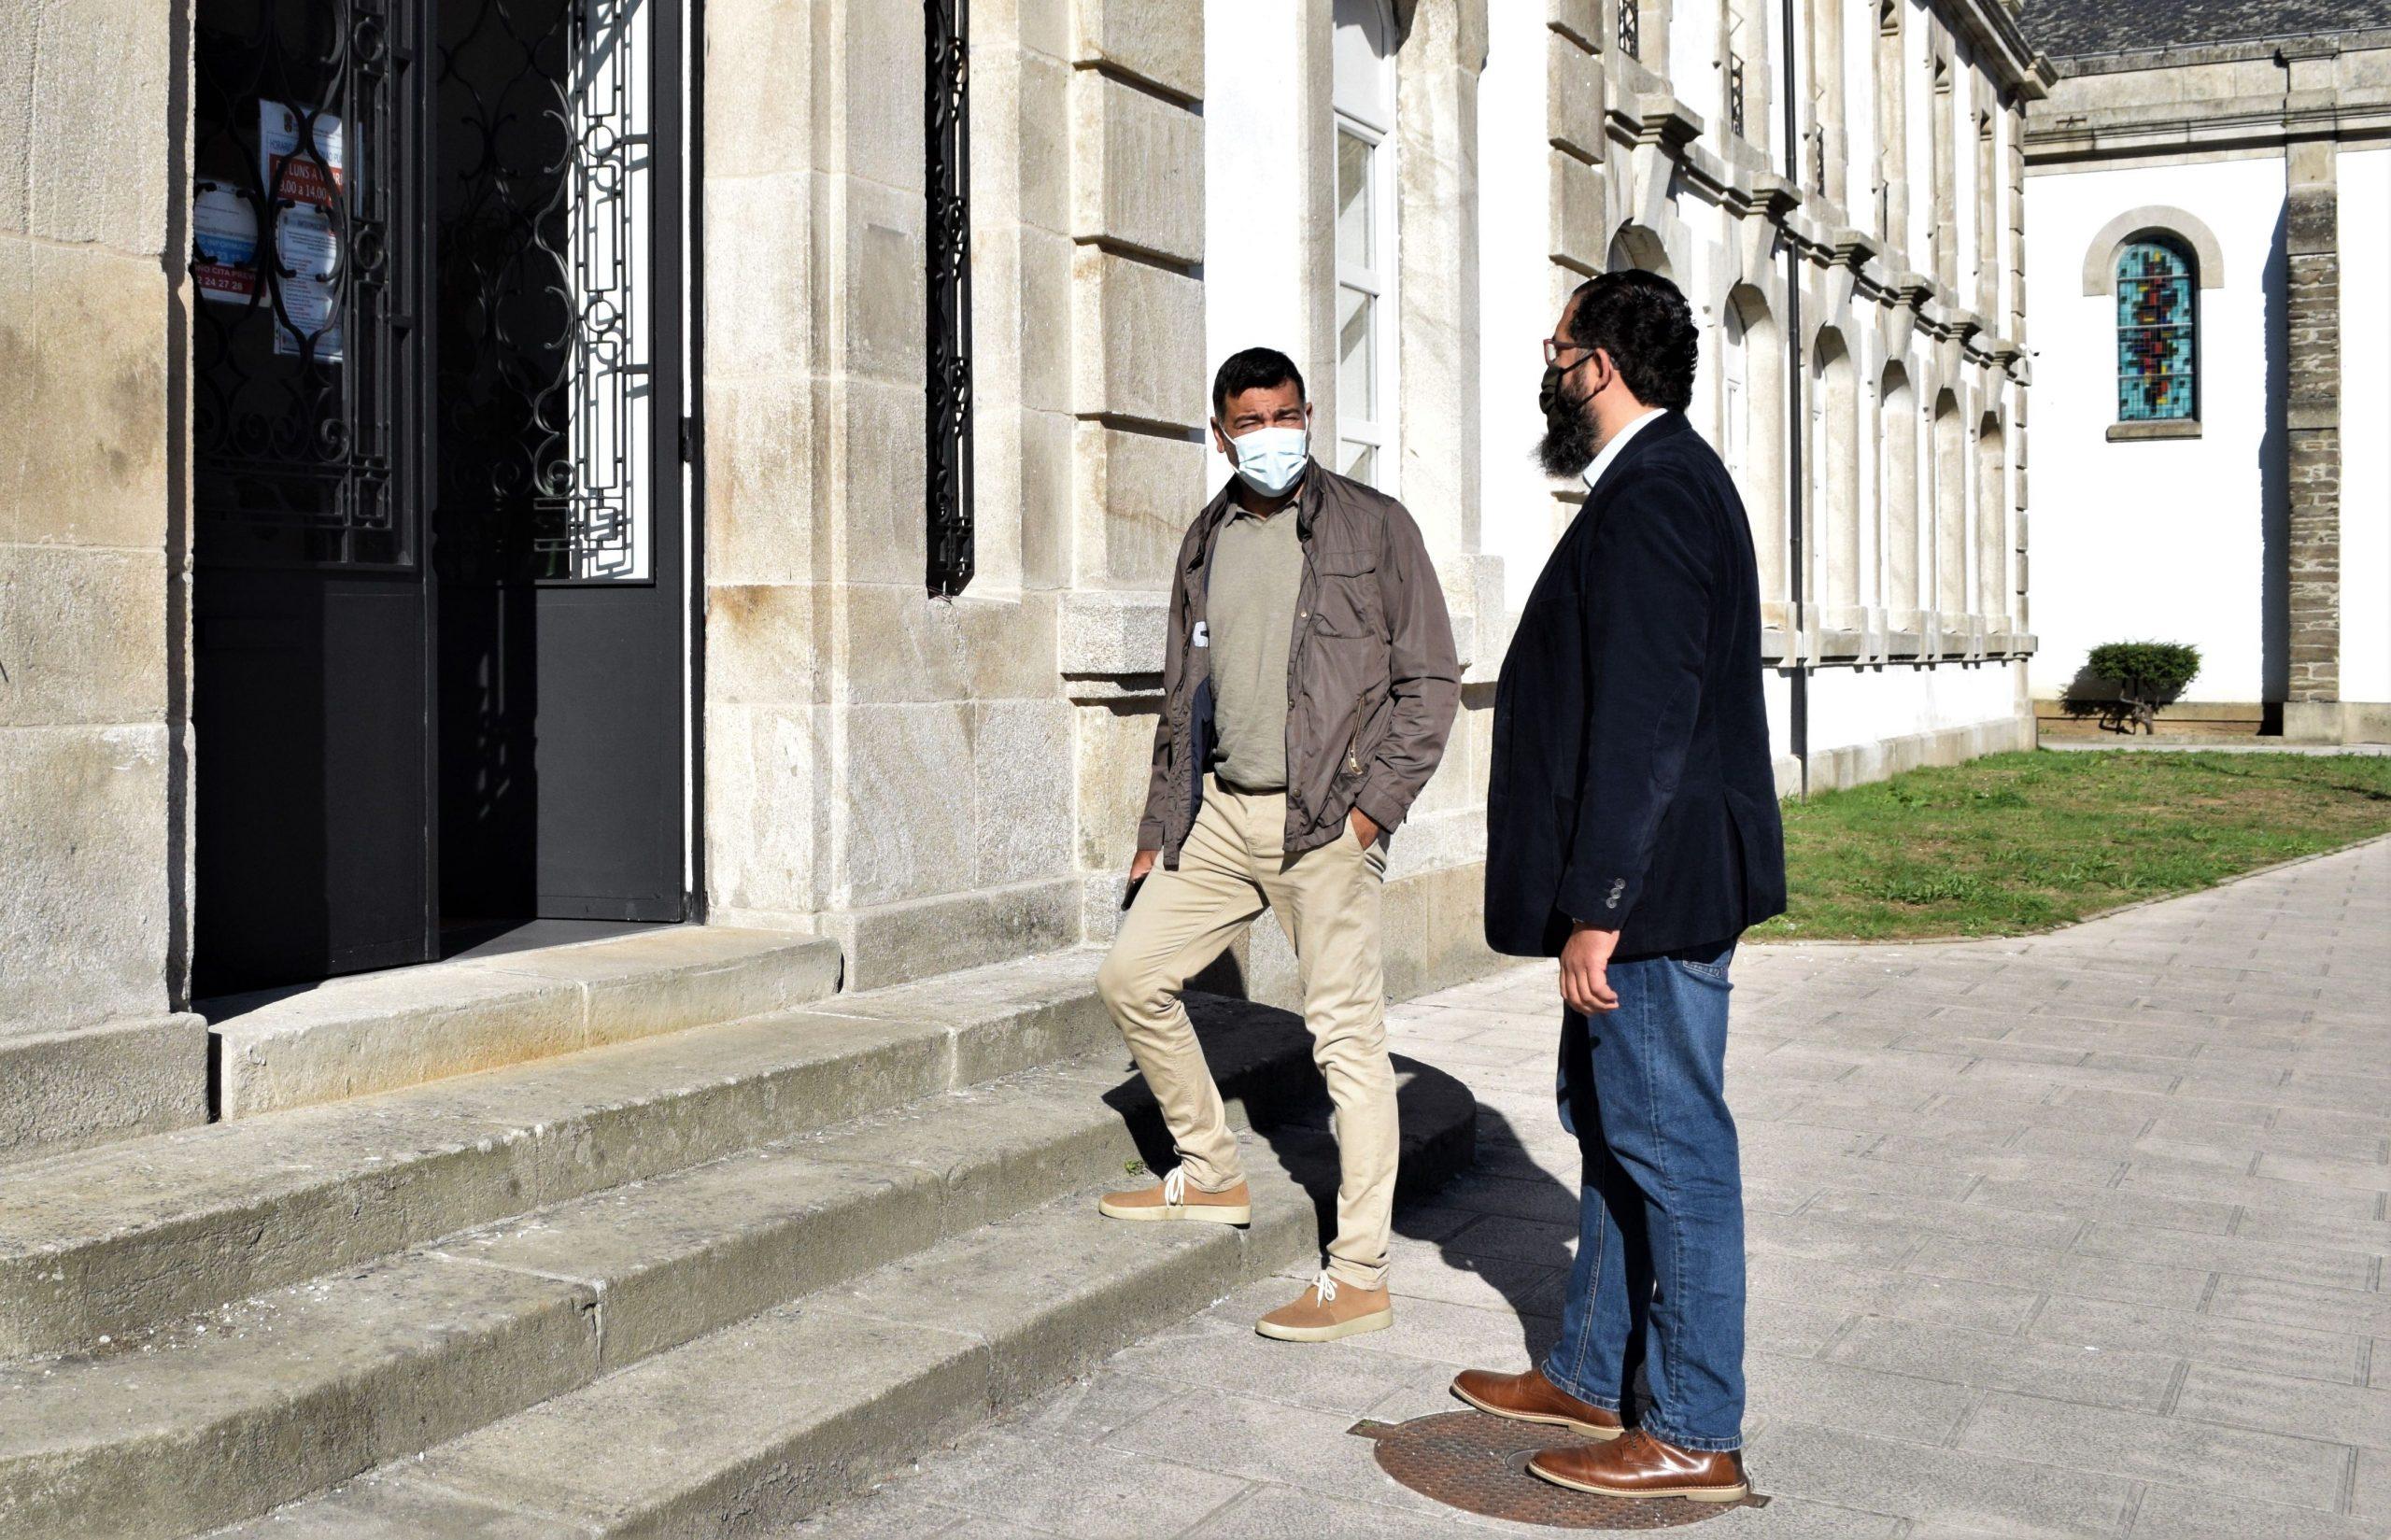 O PP estuda accións legais diante da negativa do goberno provincial a permitir unha visita ás instalacións de Santa María do portavoz popular, Javier Castiñeira, e o deputado Óscar Poy